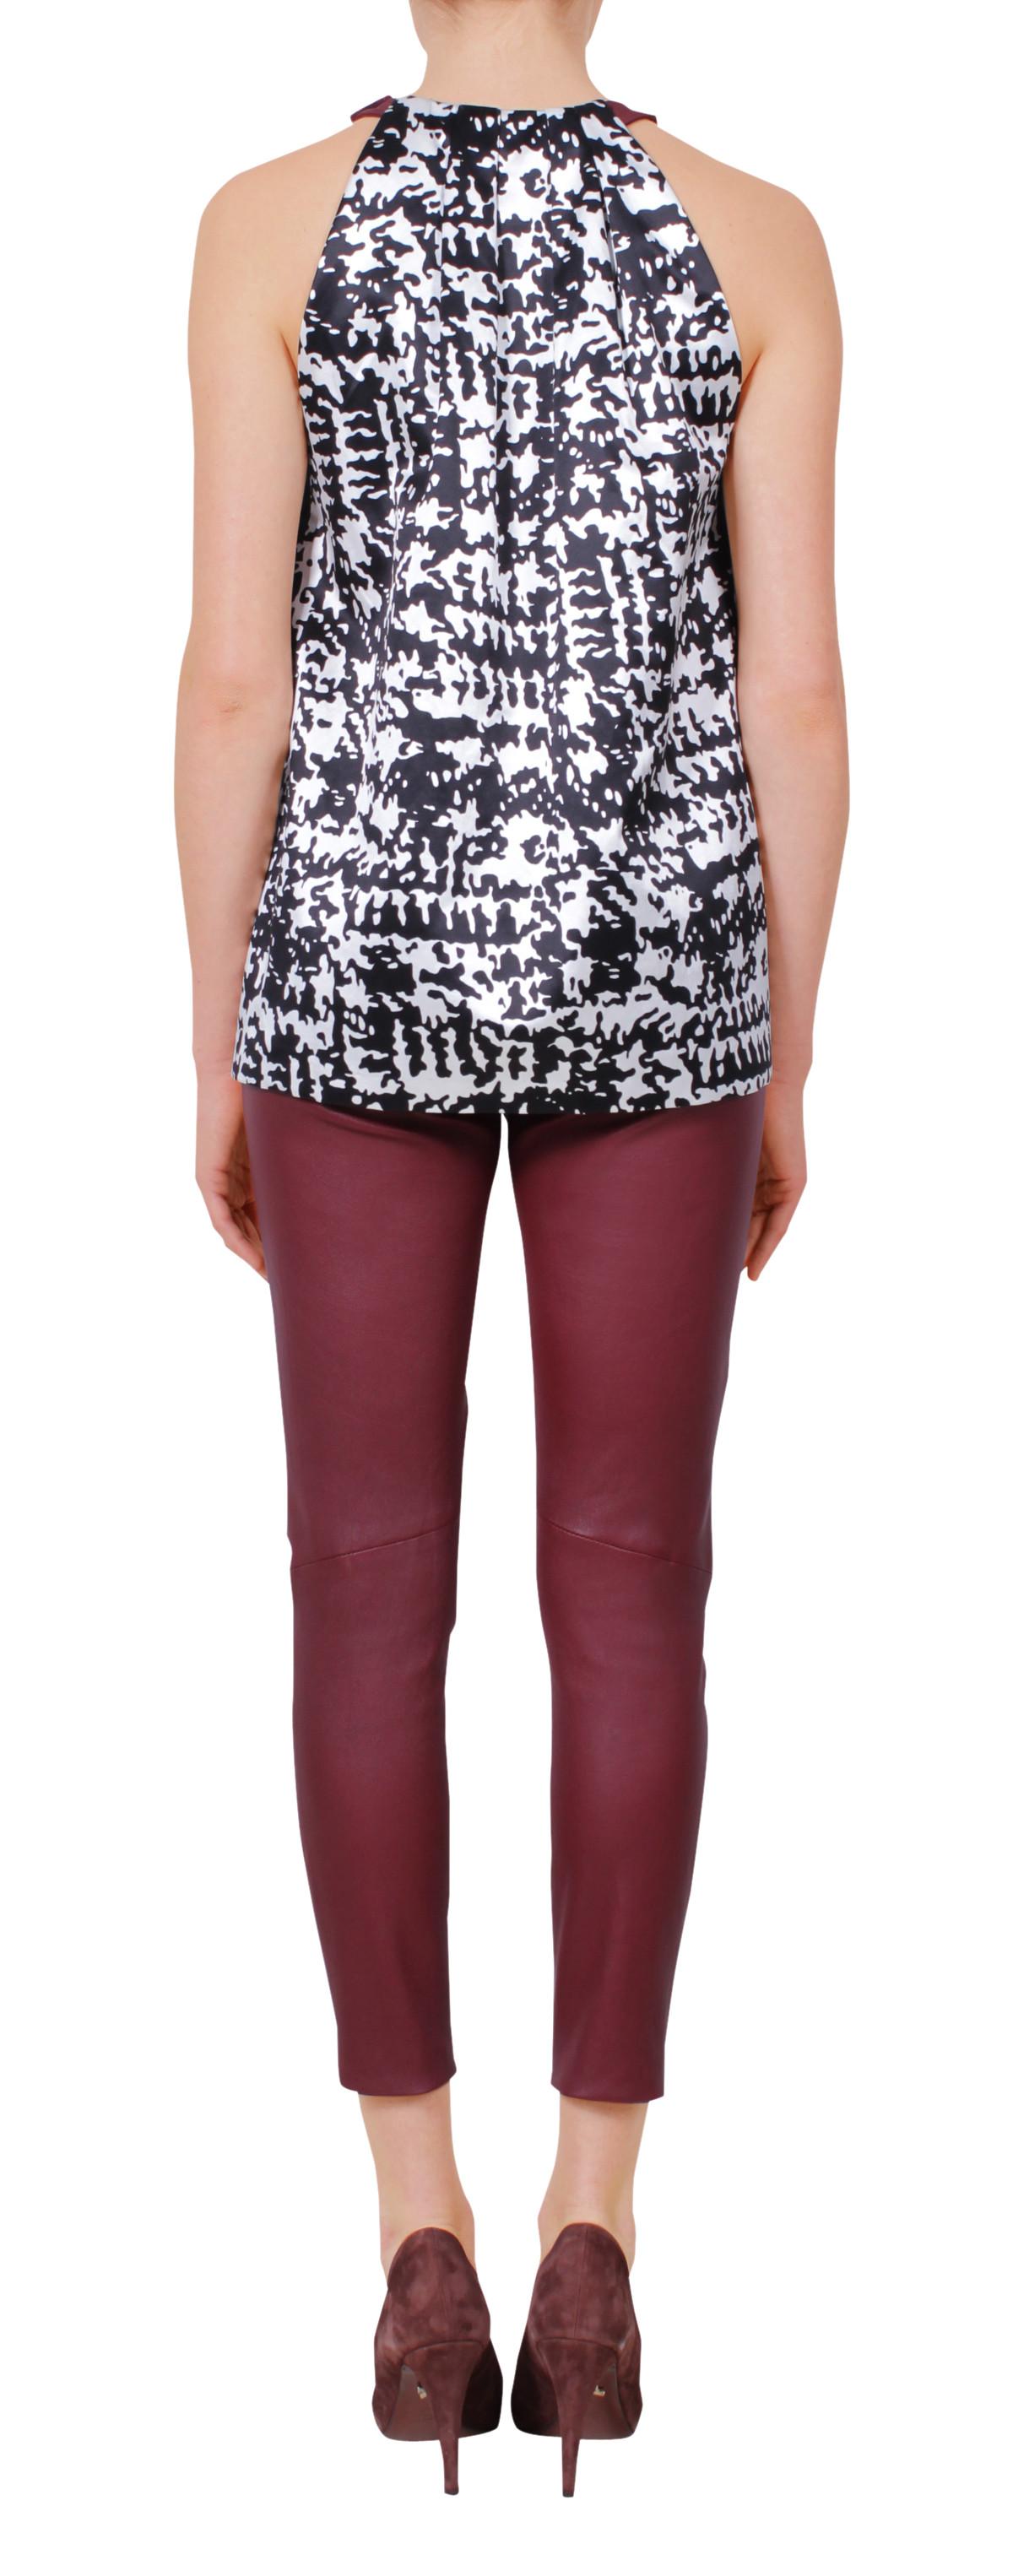 BEAUTY slimfit pants - London Love - Shop   SCHUMACHER - Onlineshop